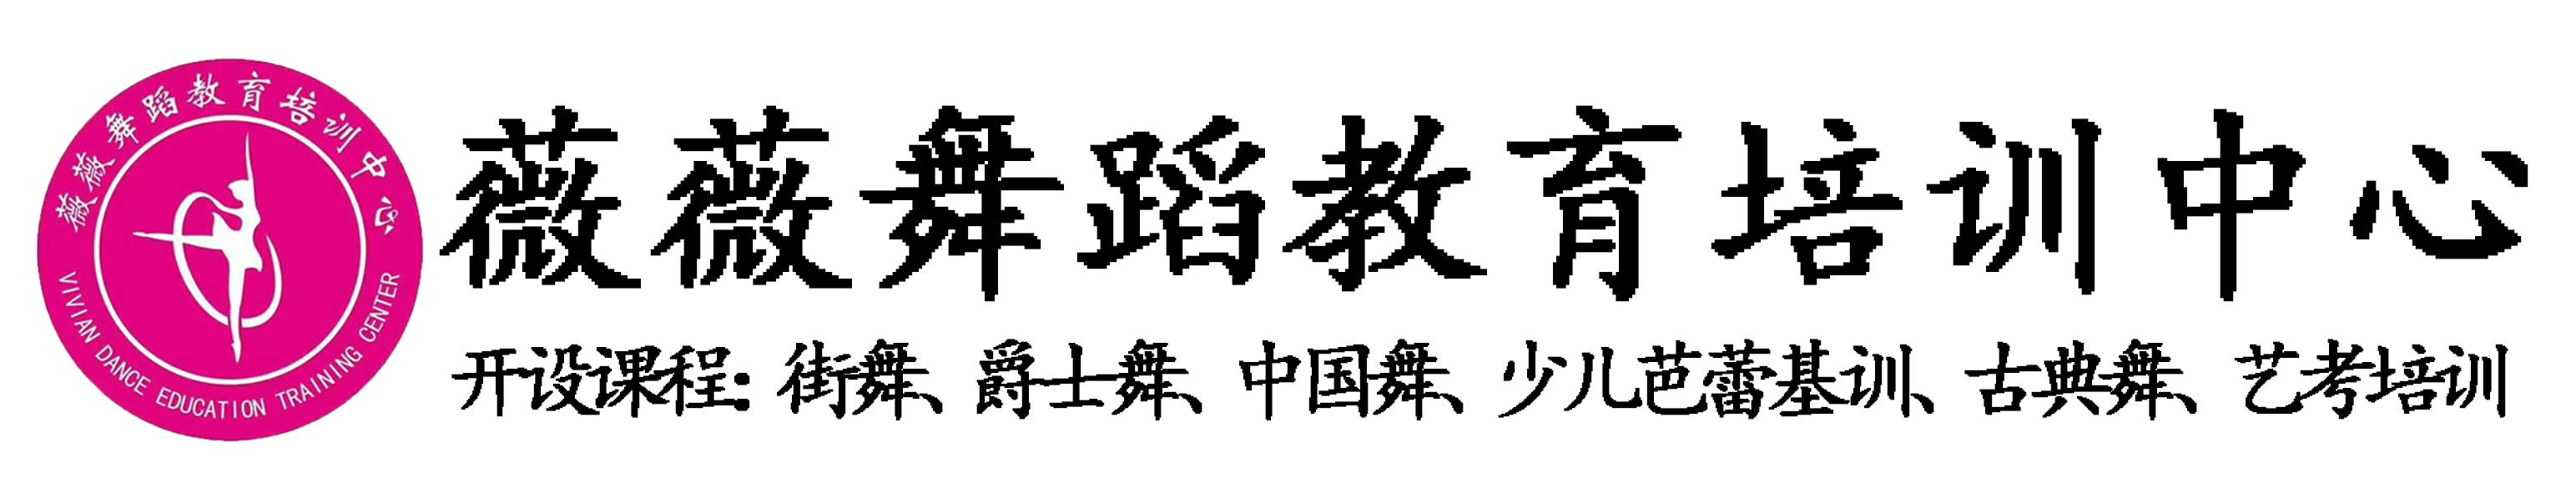 湖口薇薇舞蹈藝術學校